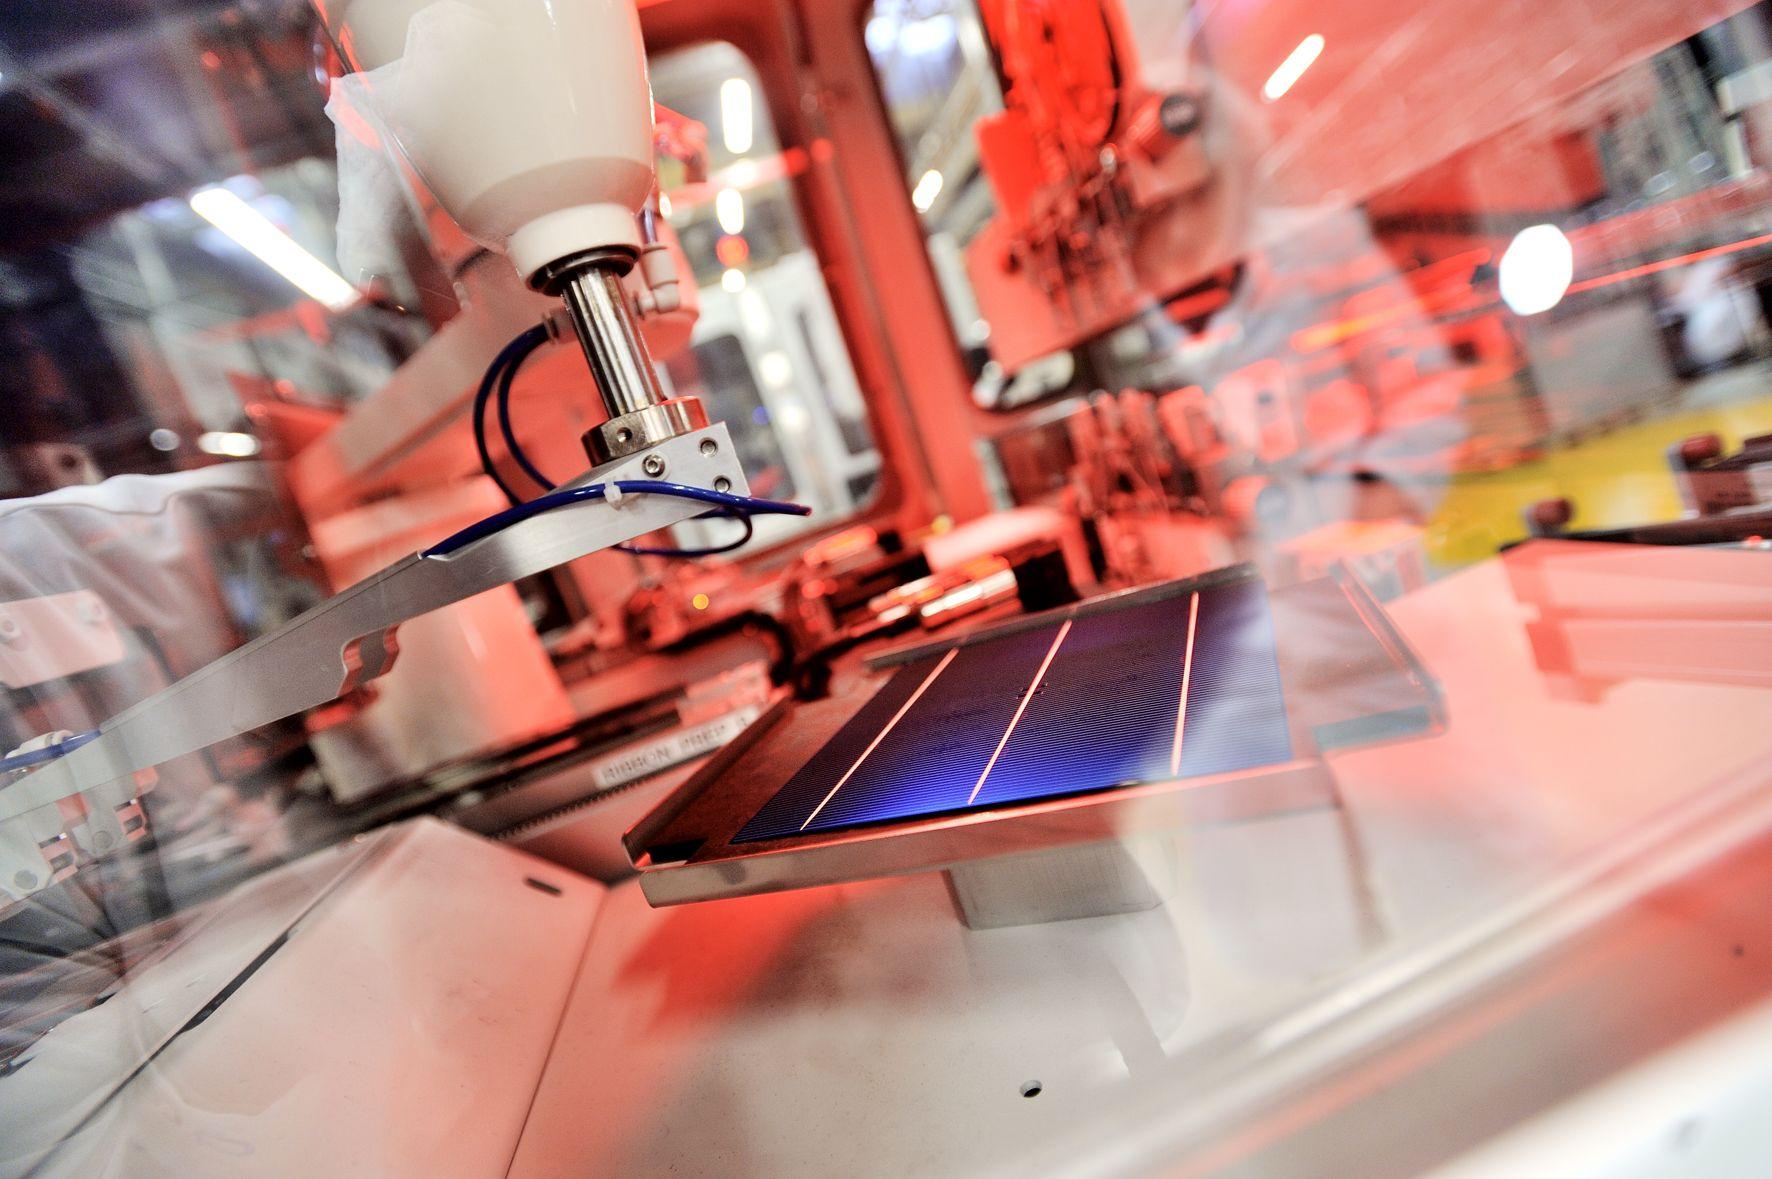 Solarproduktion bei Hanwha Q Cells: Die Solar-Aktie des Konzerns mit Hauptsitz in Südkorea hat zuletzt leicht zugelegt. / Foto: Hanwha Q Cells